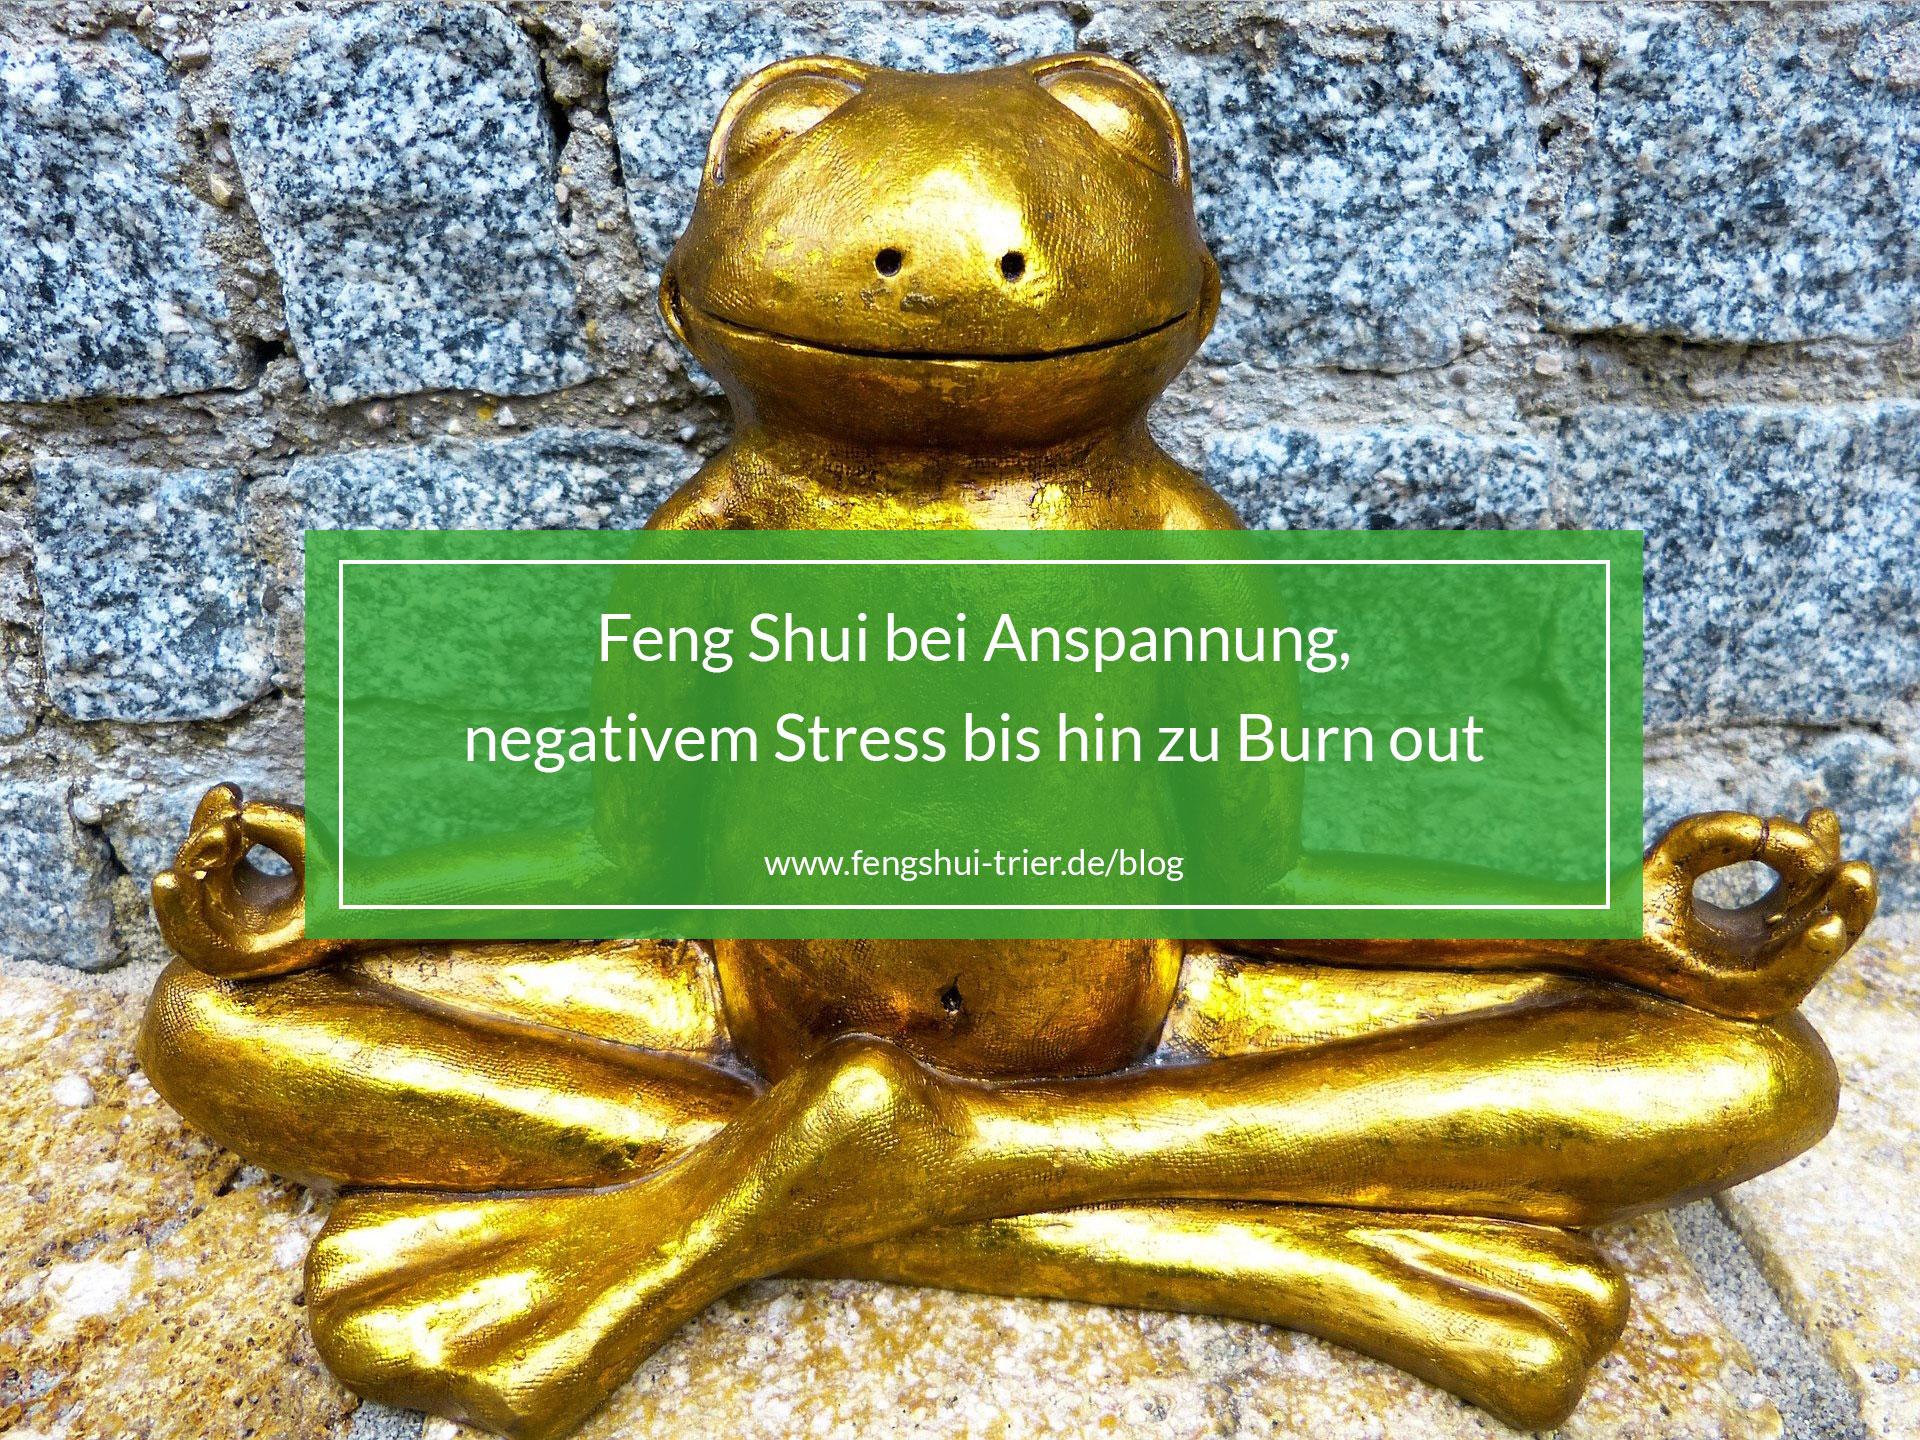 Feng Shui bei Anspannung, negativem Stress bis hin zu Burn out